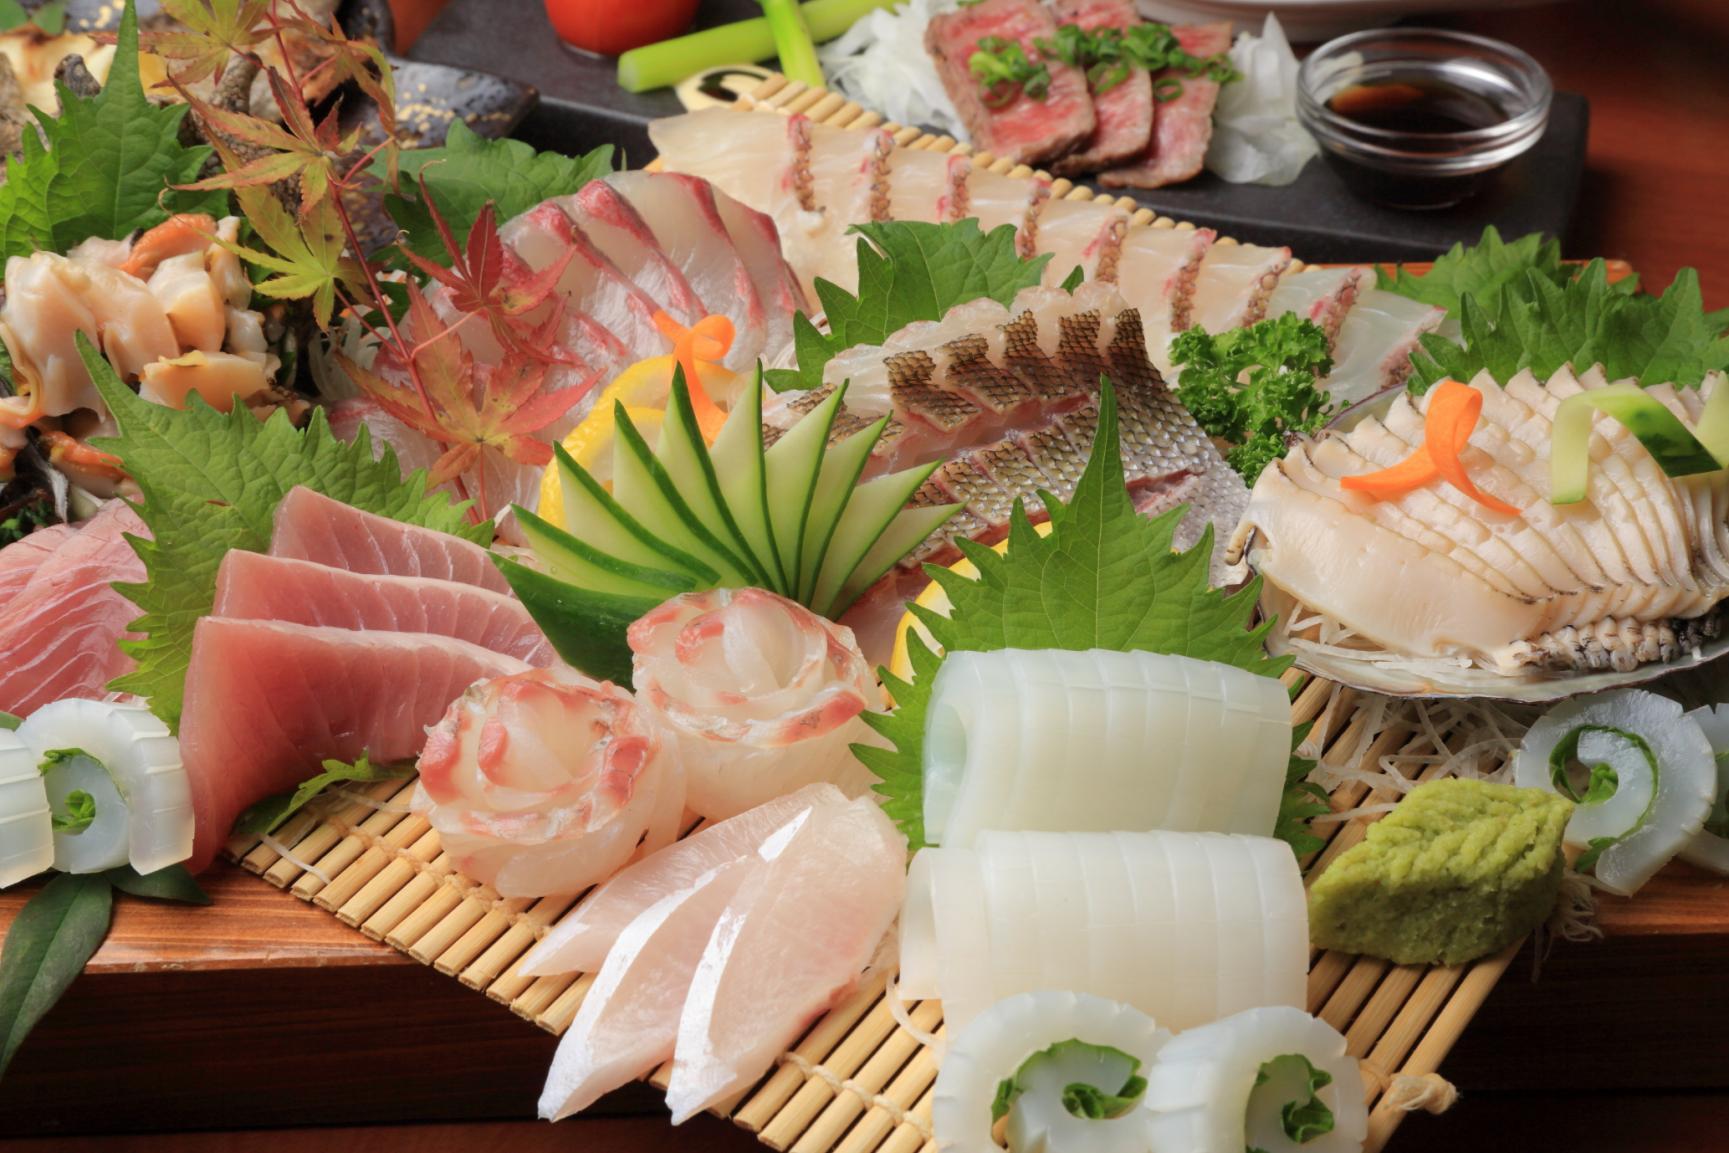 長崎のしまはお魚パラダイス!とびきり新鮮で旨い魚を一挙紹介!-1